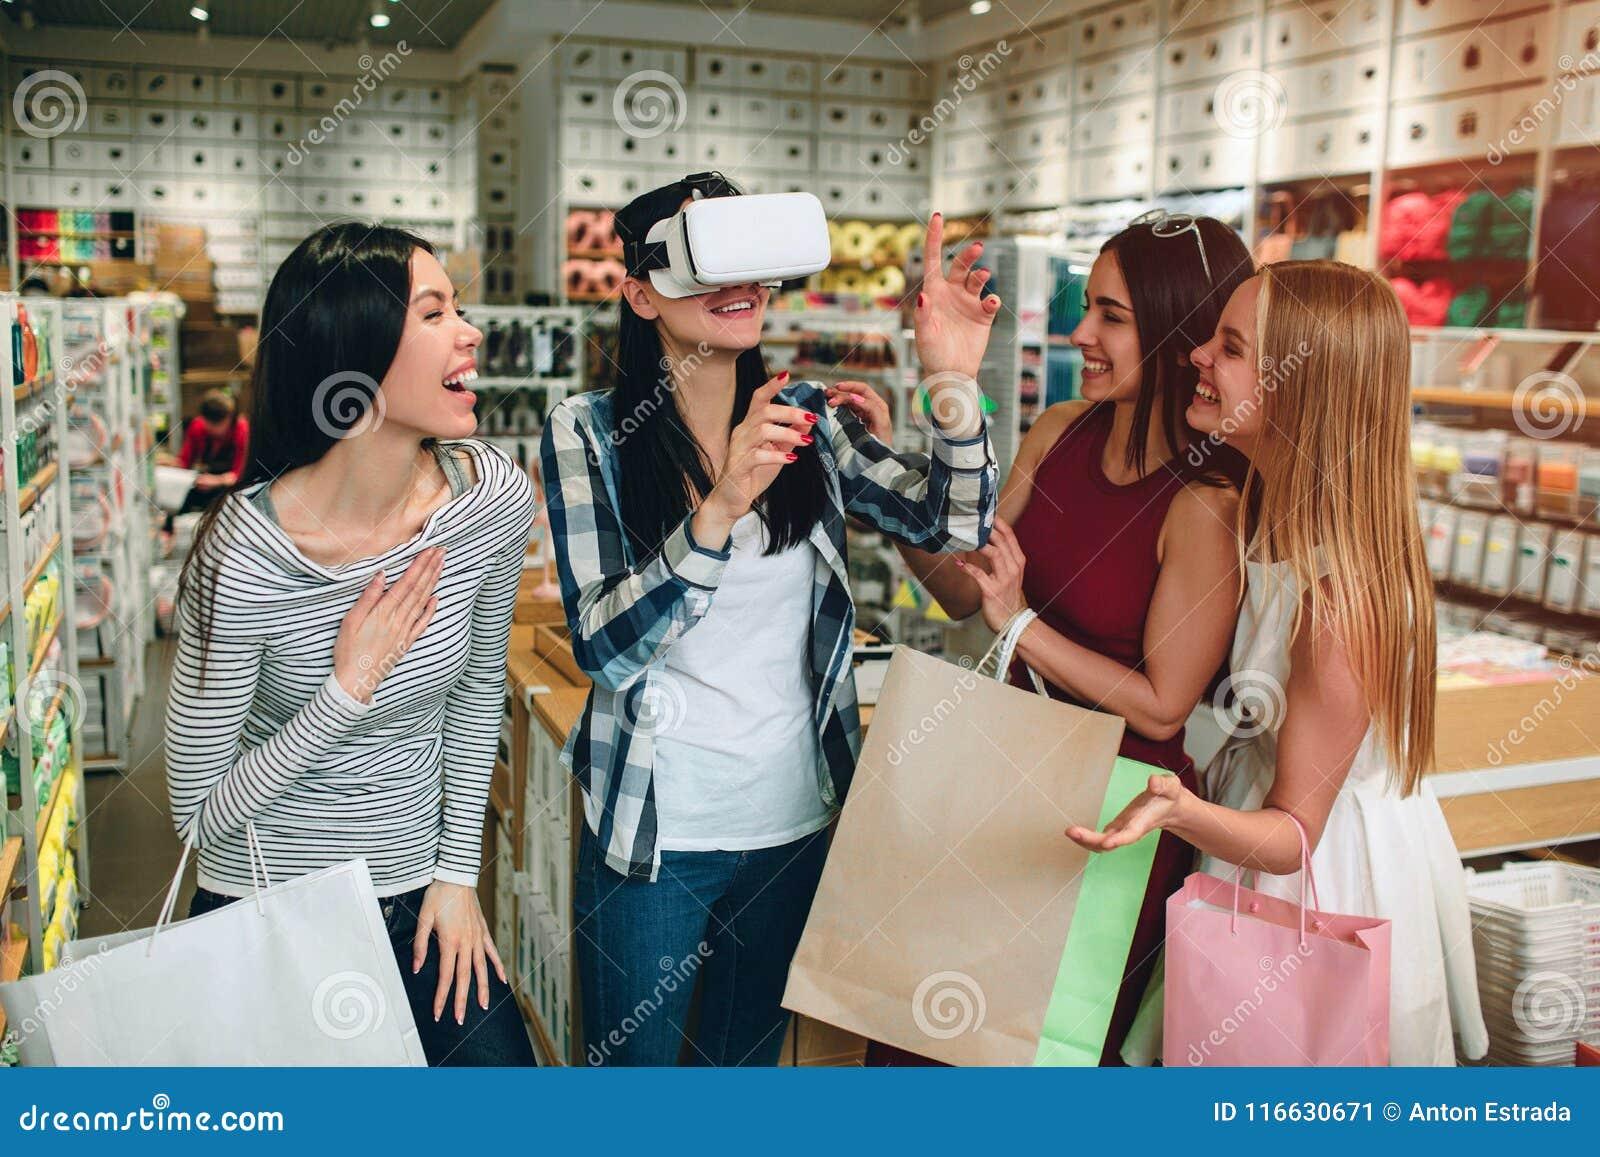 Vier Mädchen haben etwas Spaß Brunette im Hemd hat VR-Gläser auf ihrem Gesicht und dem Halten ihrer Hände in der Luft während sie